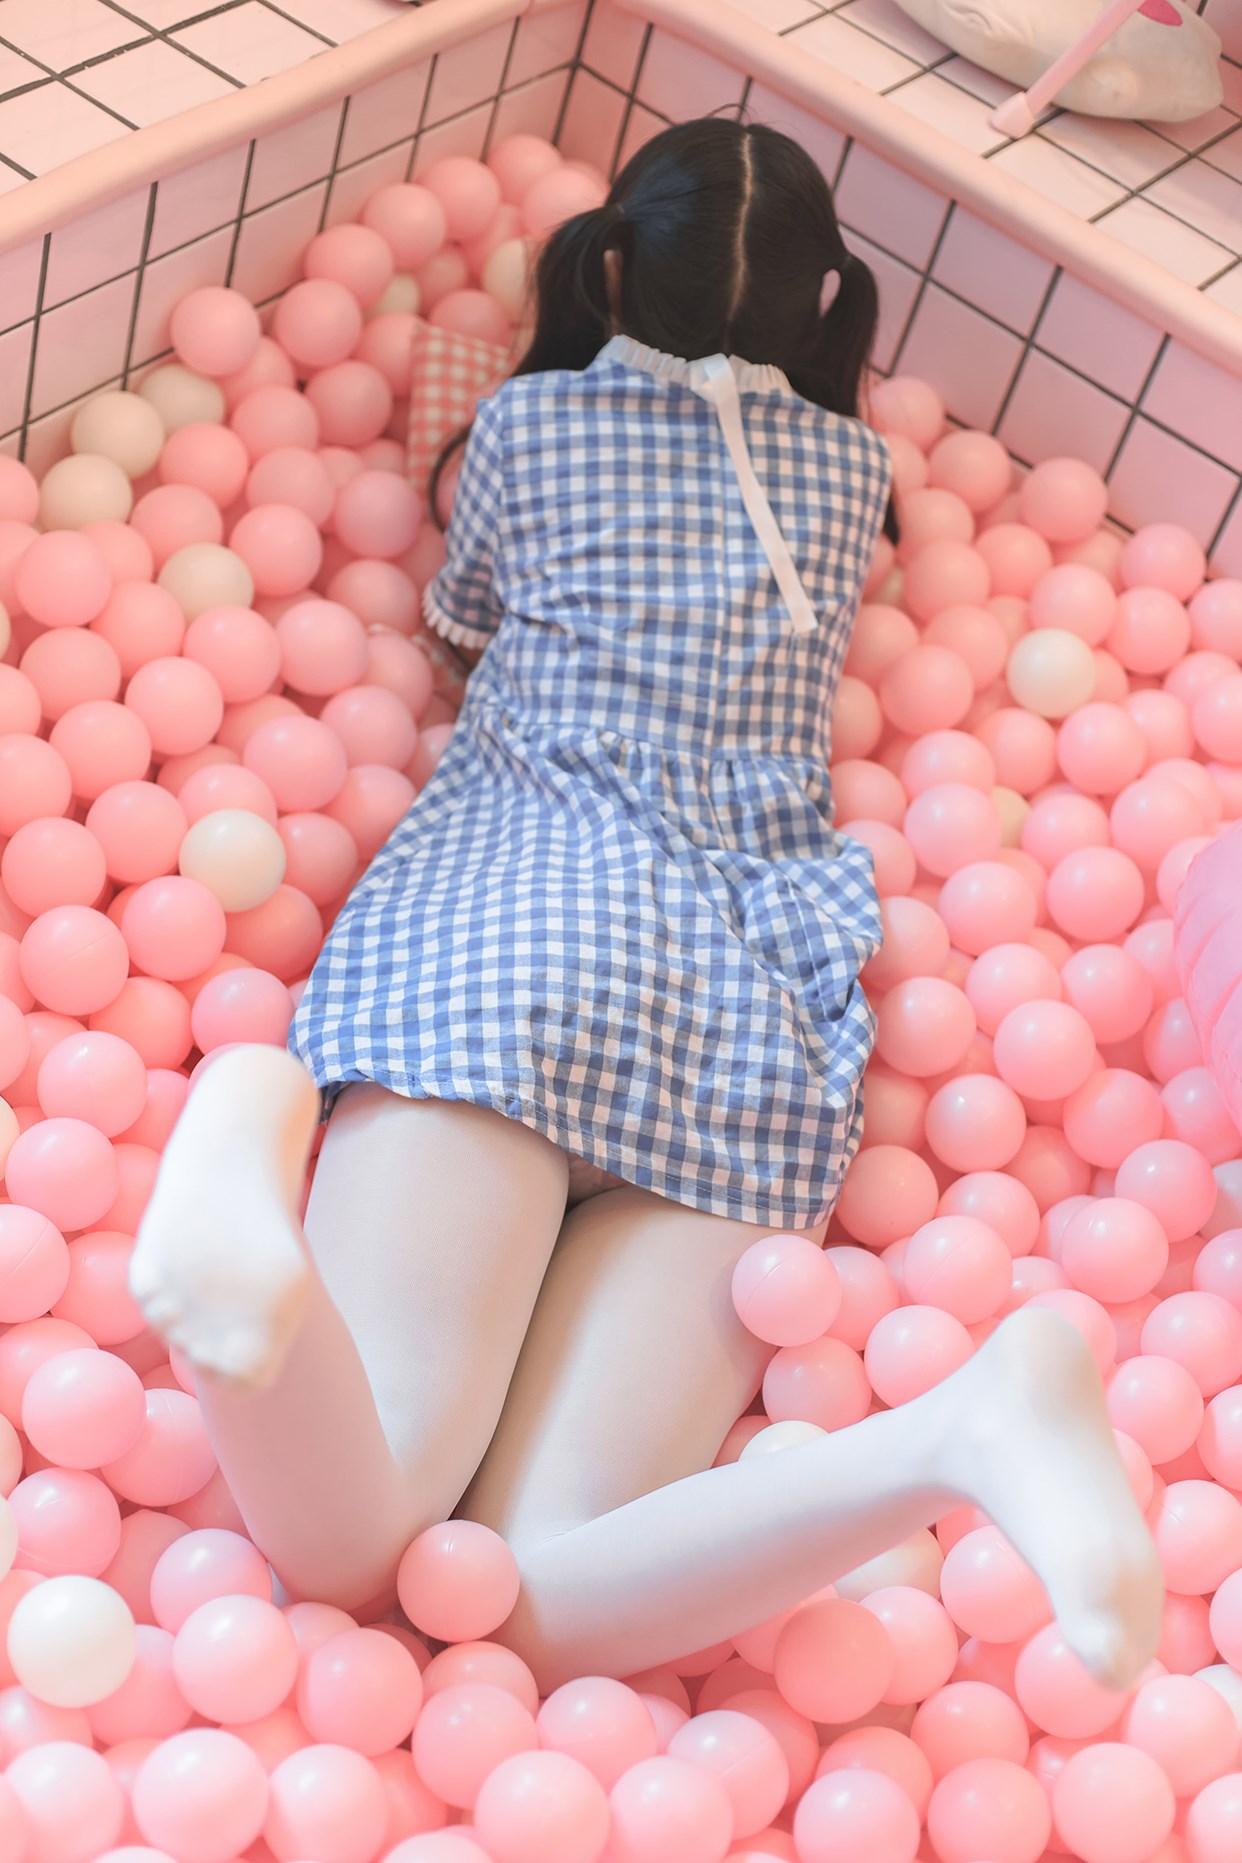 【兔玩映画】粉色的小萝莉 兔玩映画 第50张